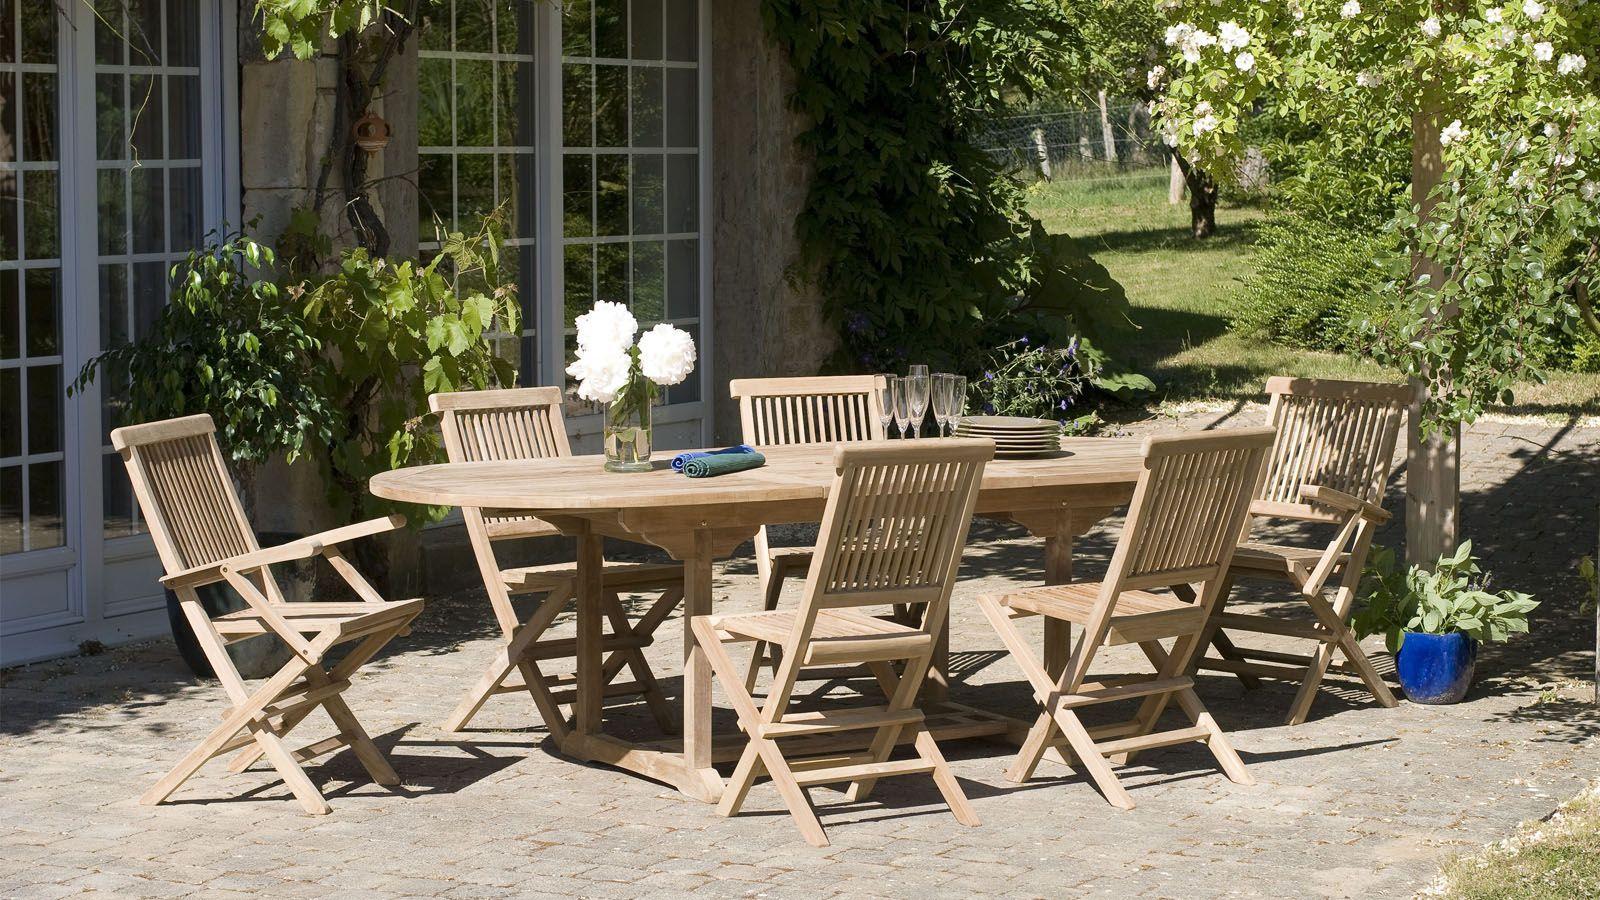 Salon De Jardin En Teck 6 Places - Collection Copa Cabana ... destiné Salon De Jardin En Teck Pas Cher